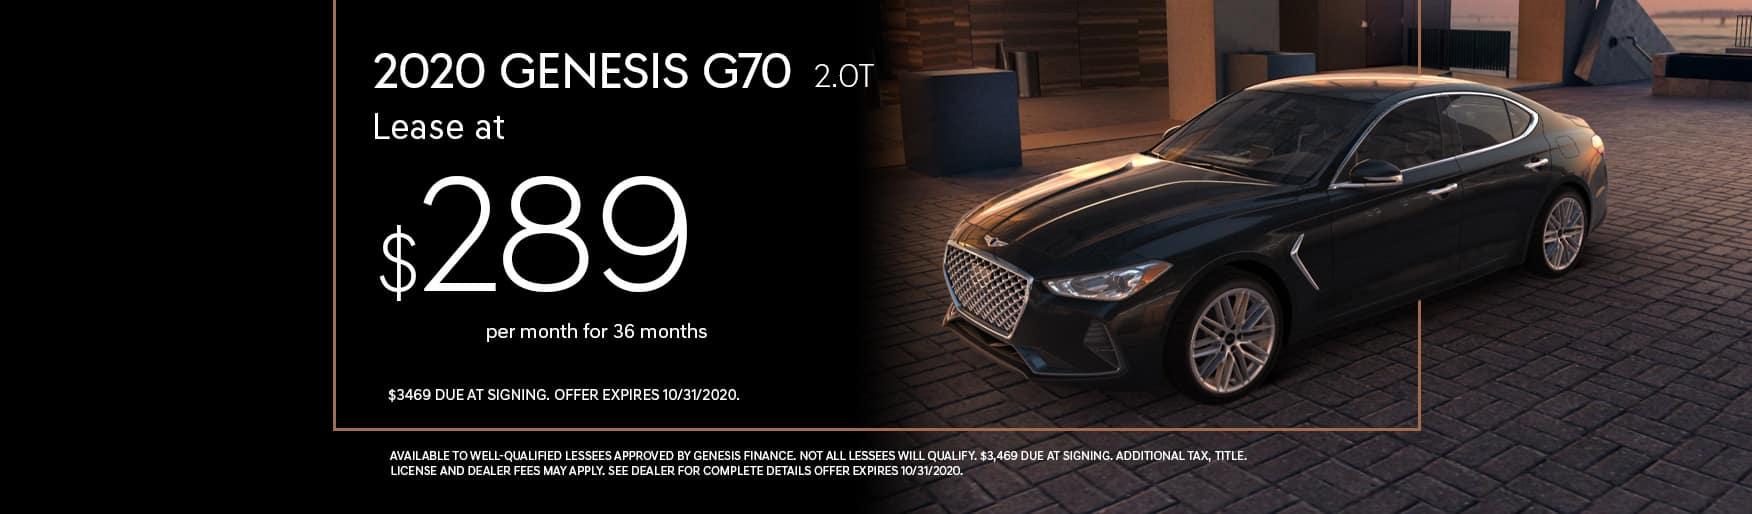 GenesisofKendallSlider_2020 G70 Lease (3)